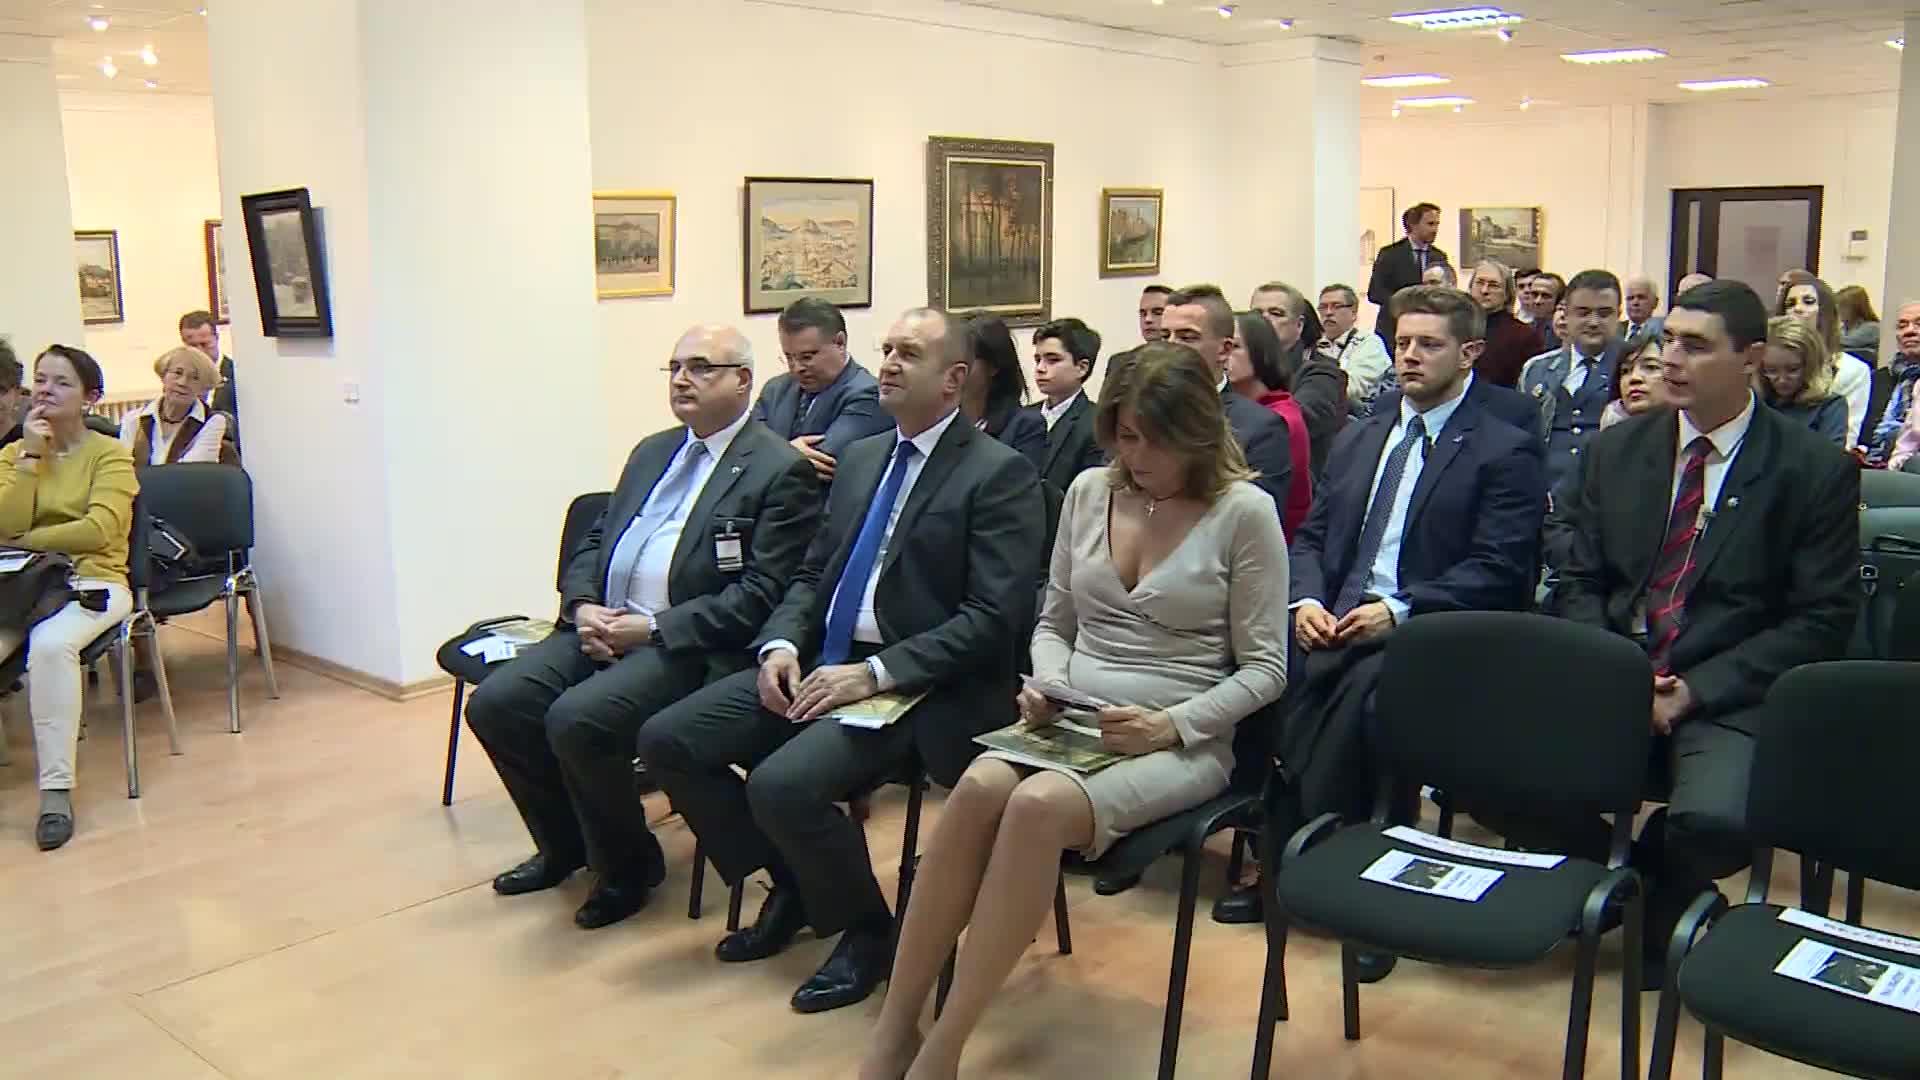 Президентът Радев и първата дама на изложба и концерт във Варшава